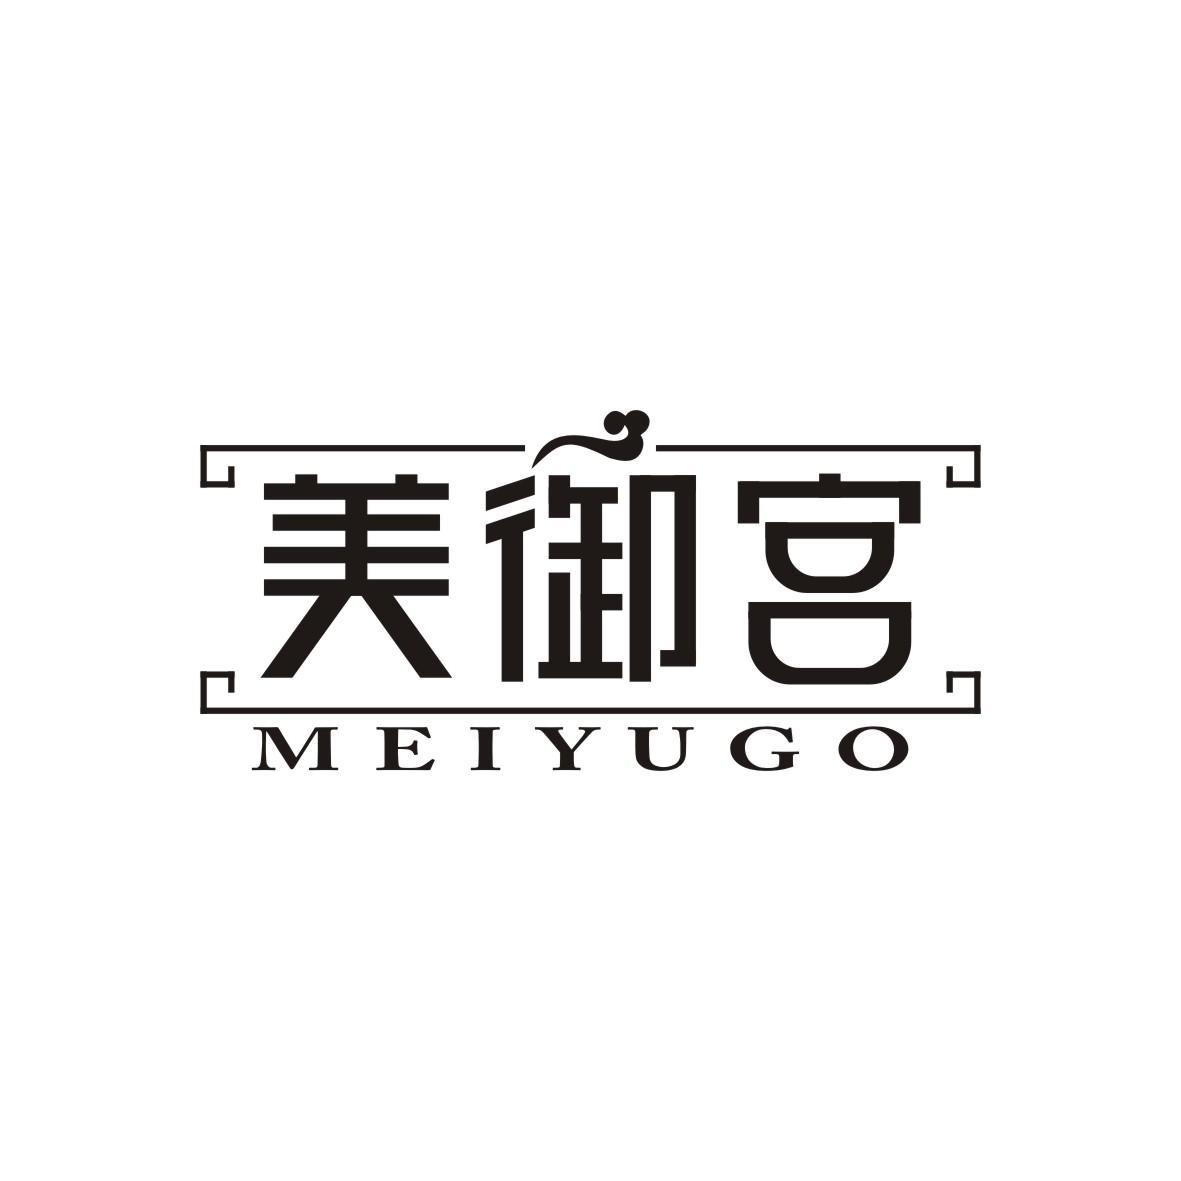 转让商标-美御宫 MEIYUGO